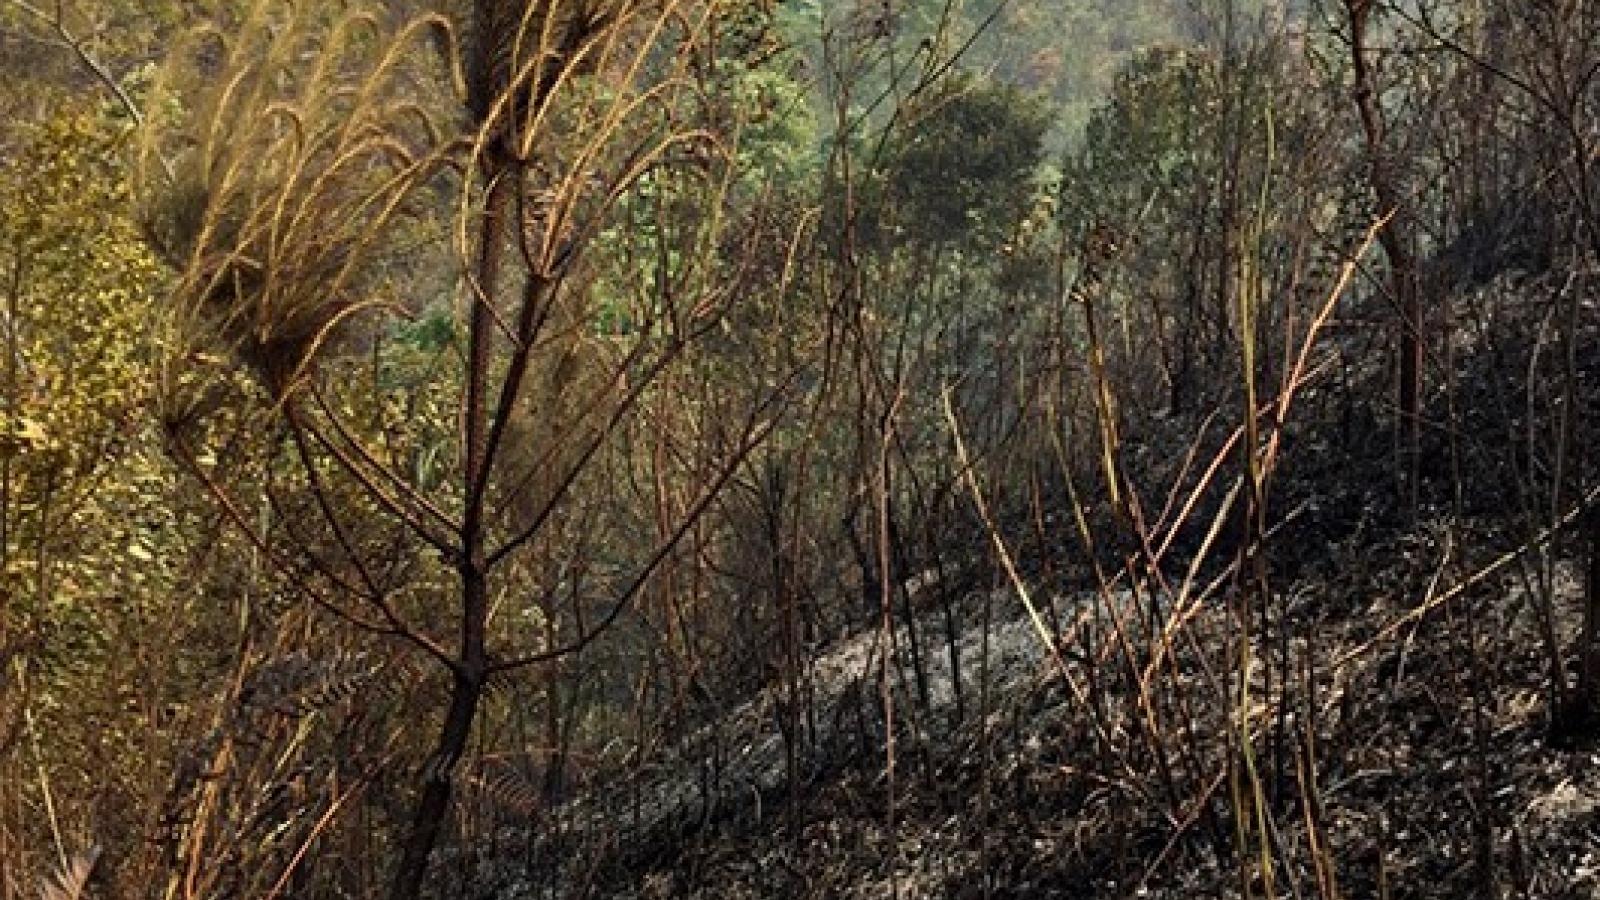 Liên tiếp xảy ra hai vụ cháy rừng ở Thuận Châu, Sơn La